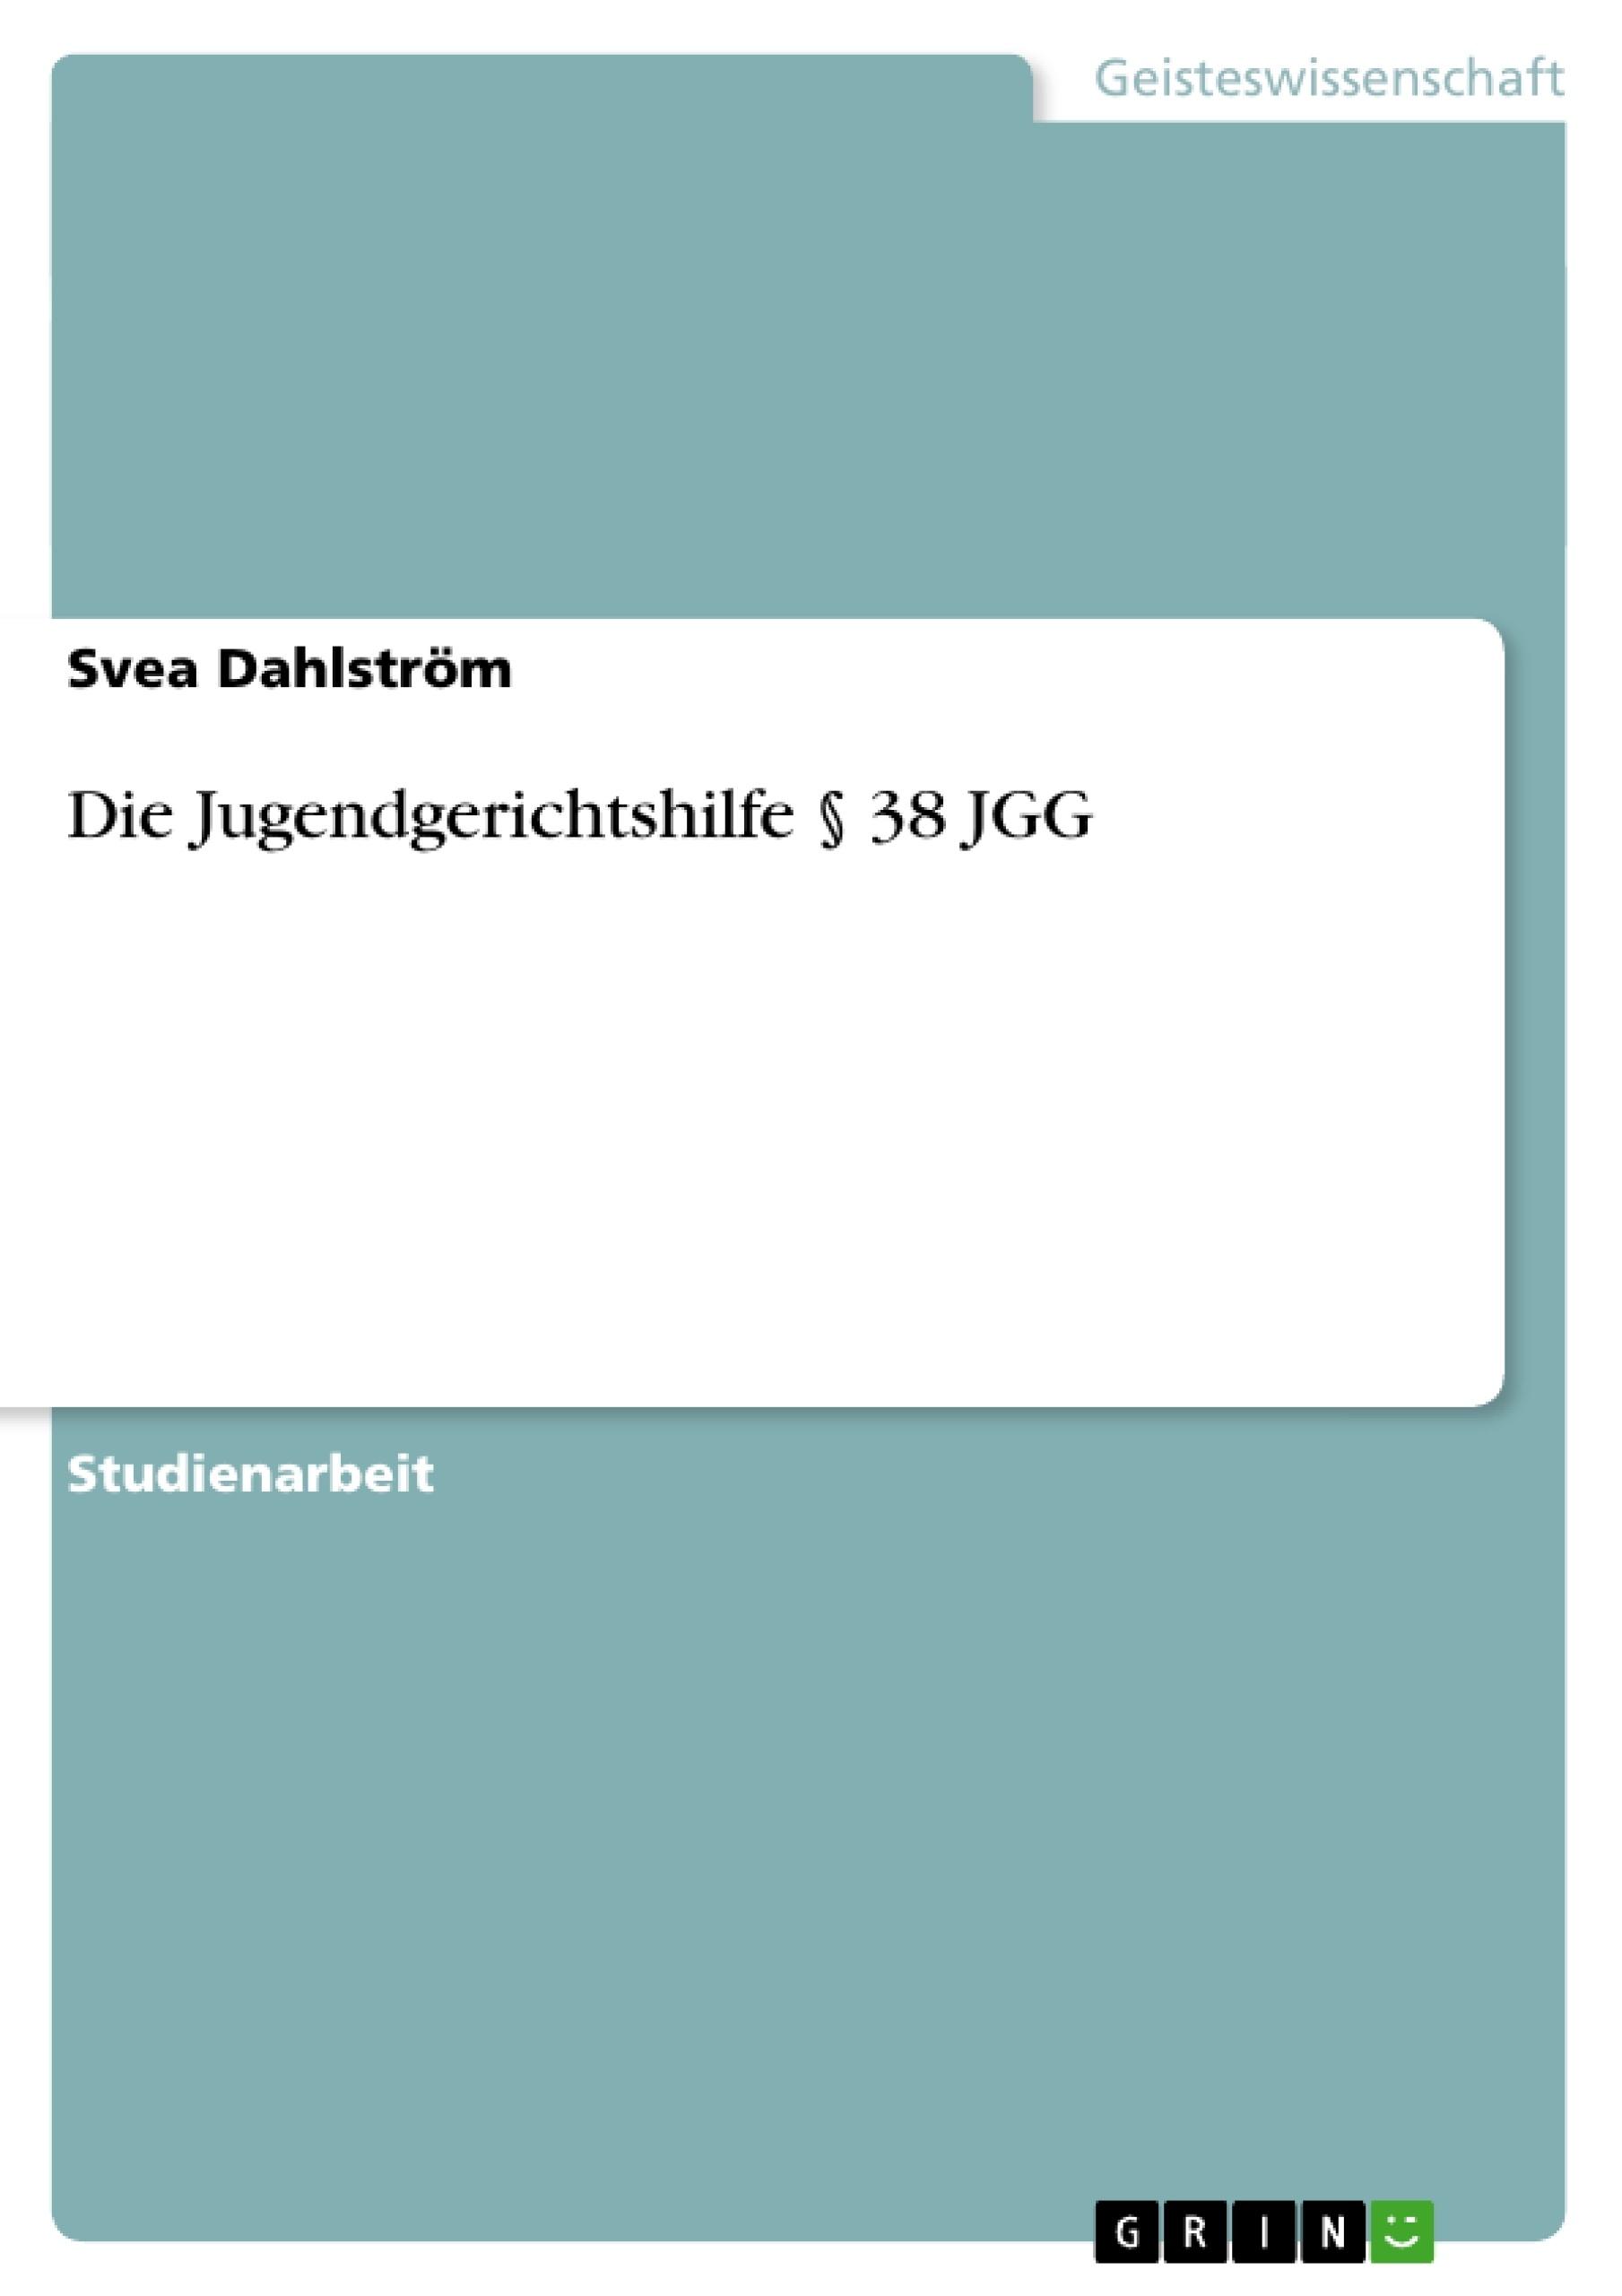 Titel: Die Jugendgerichtshilfe § 38 JGG